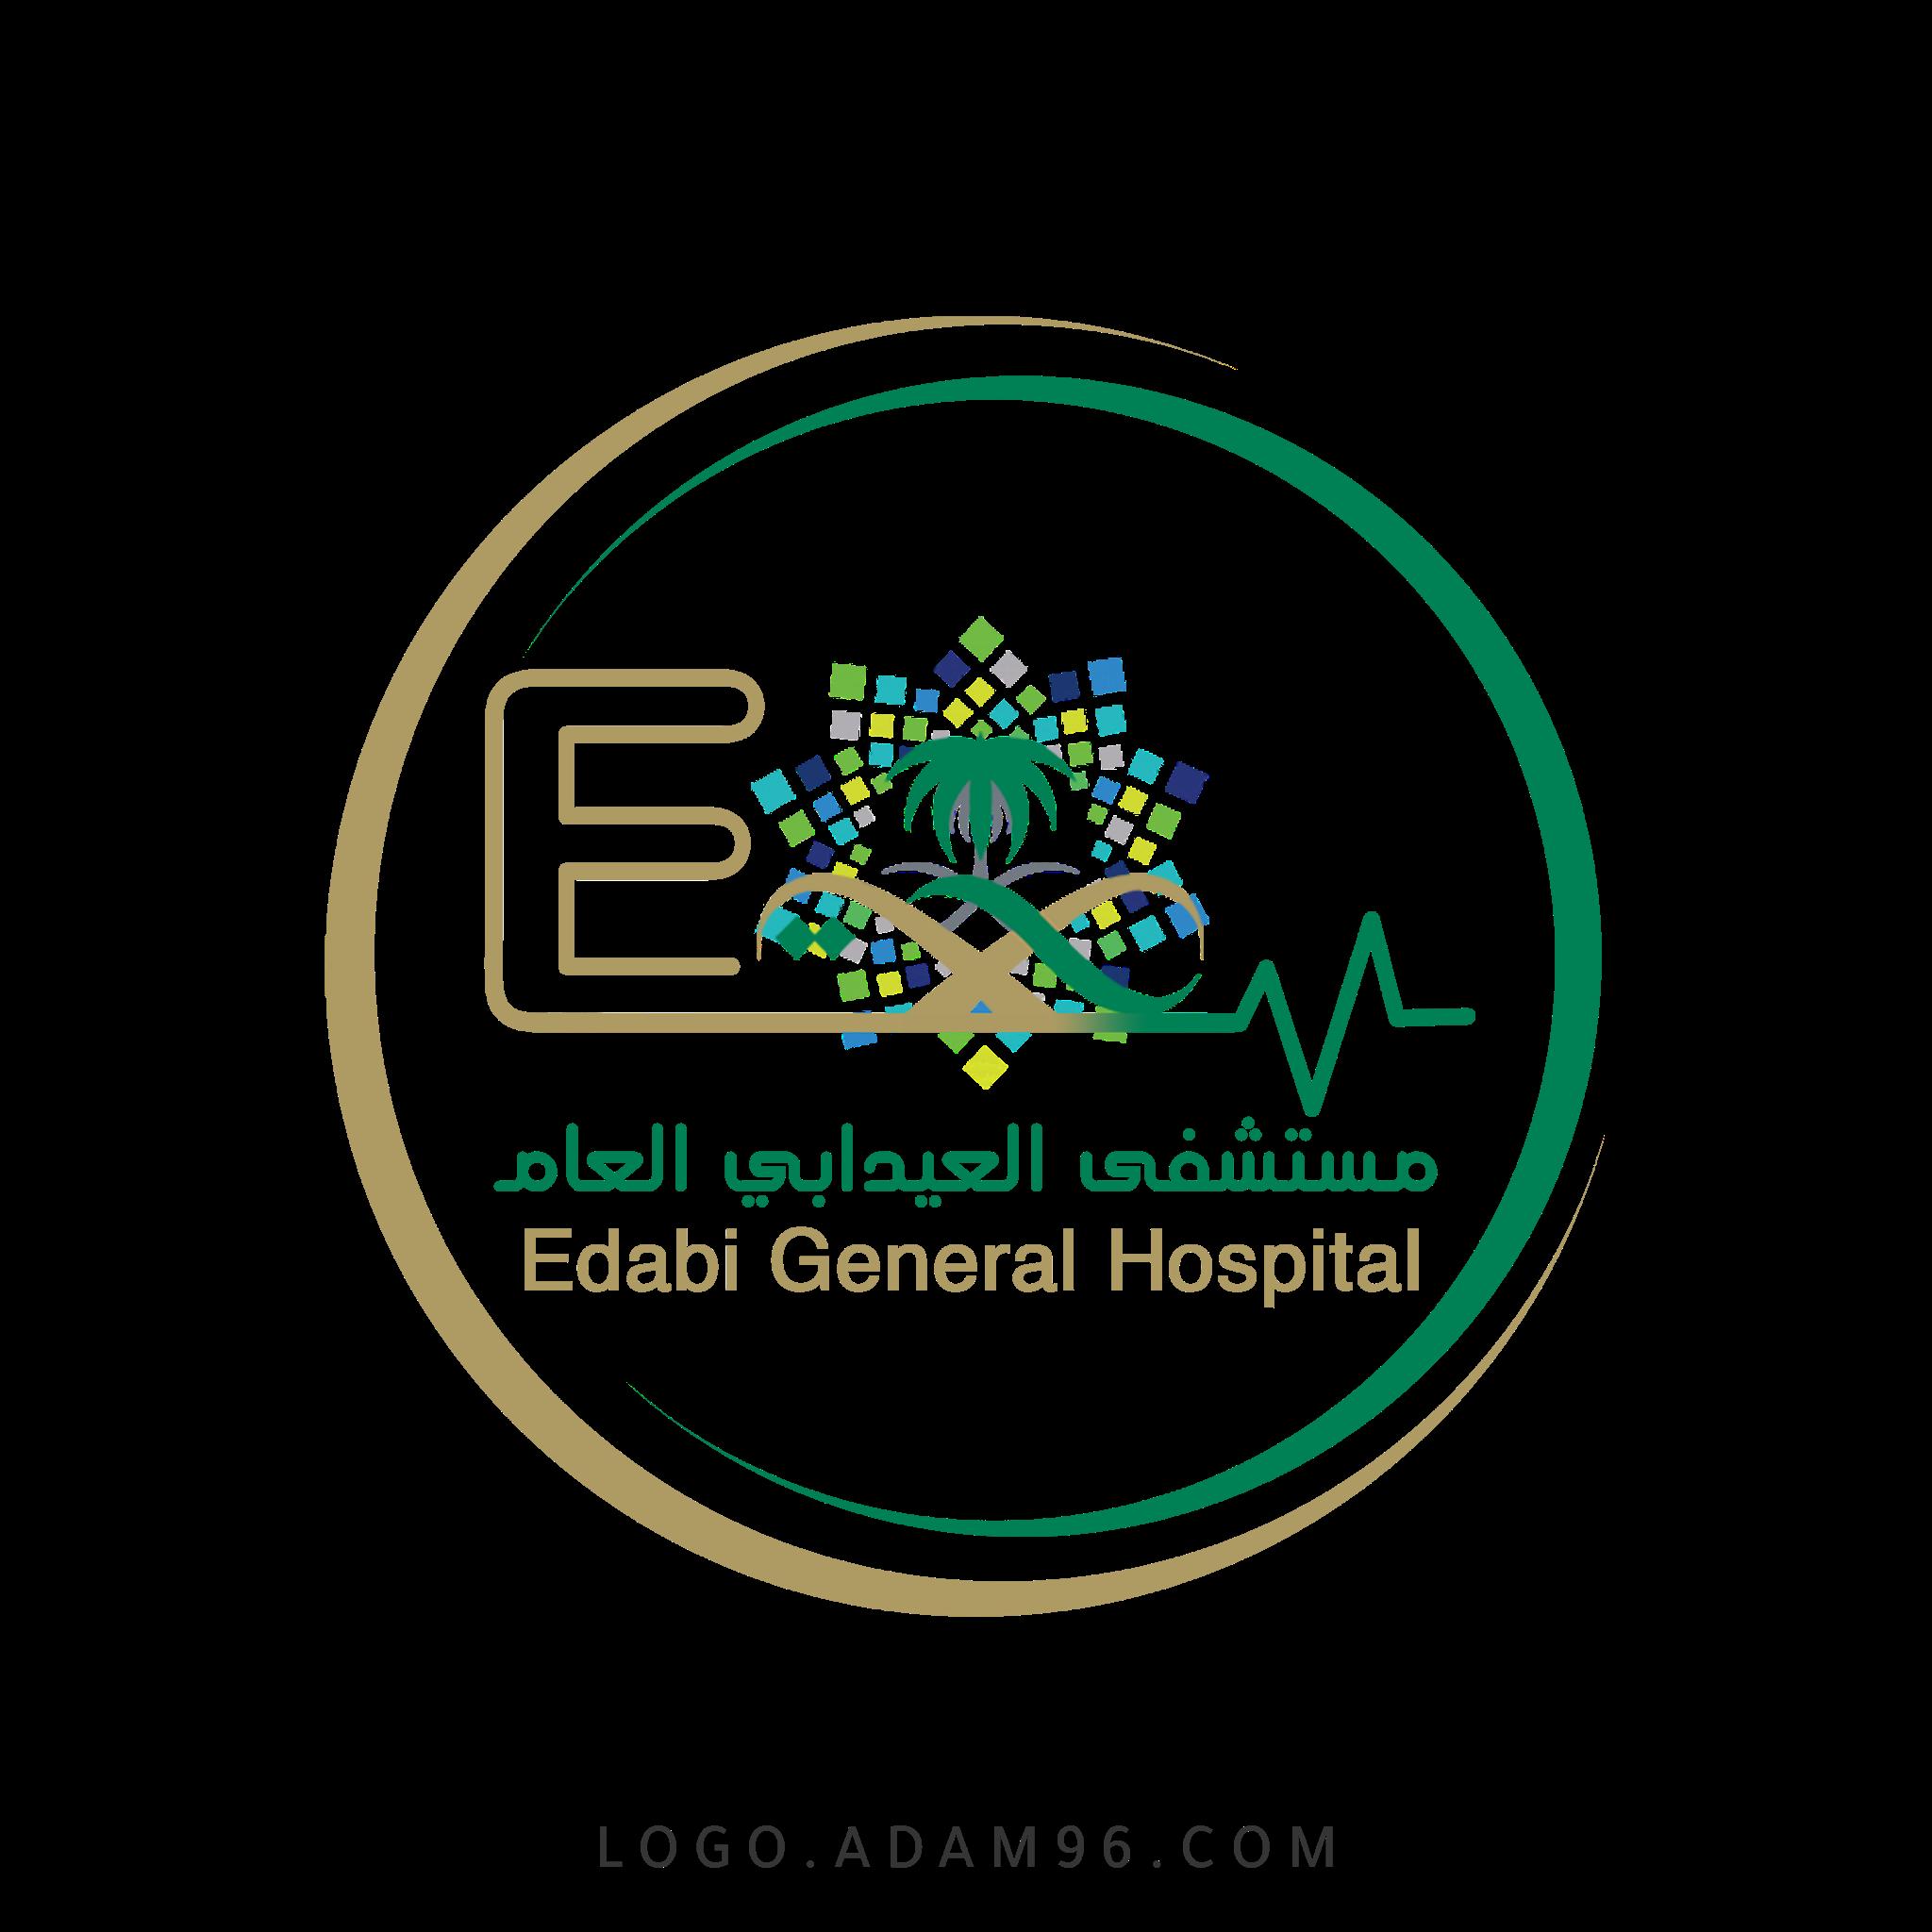 تحميل شعار مستشفى العيدابي العام لوجو شفاف بصيغة PNG